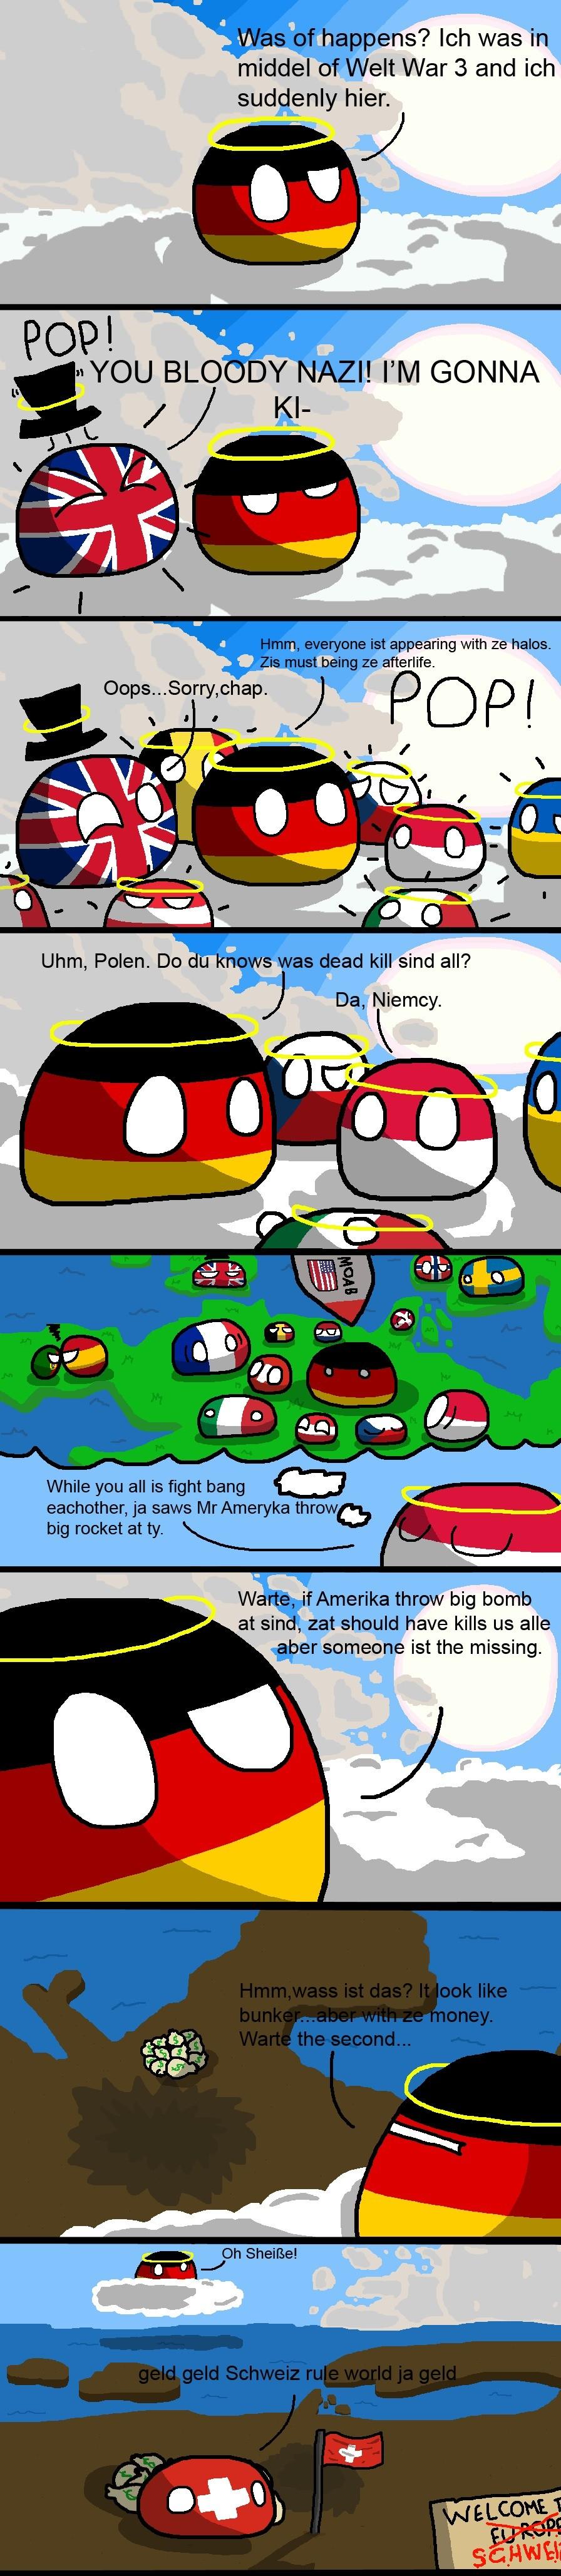 Ww3+switzerland+is+imune+to+wars+it+just